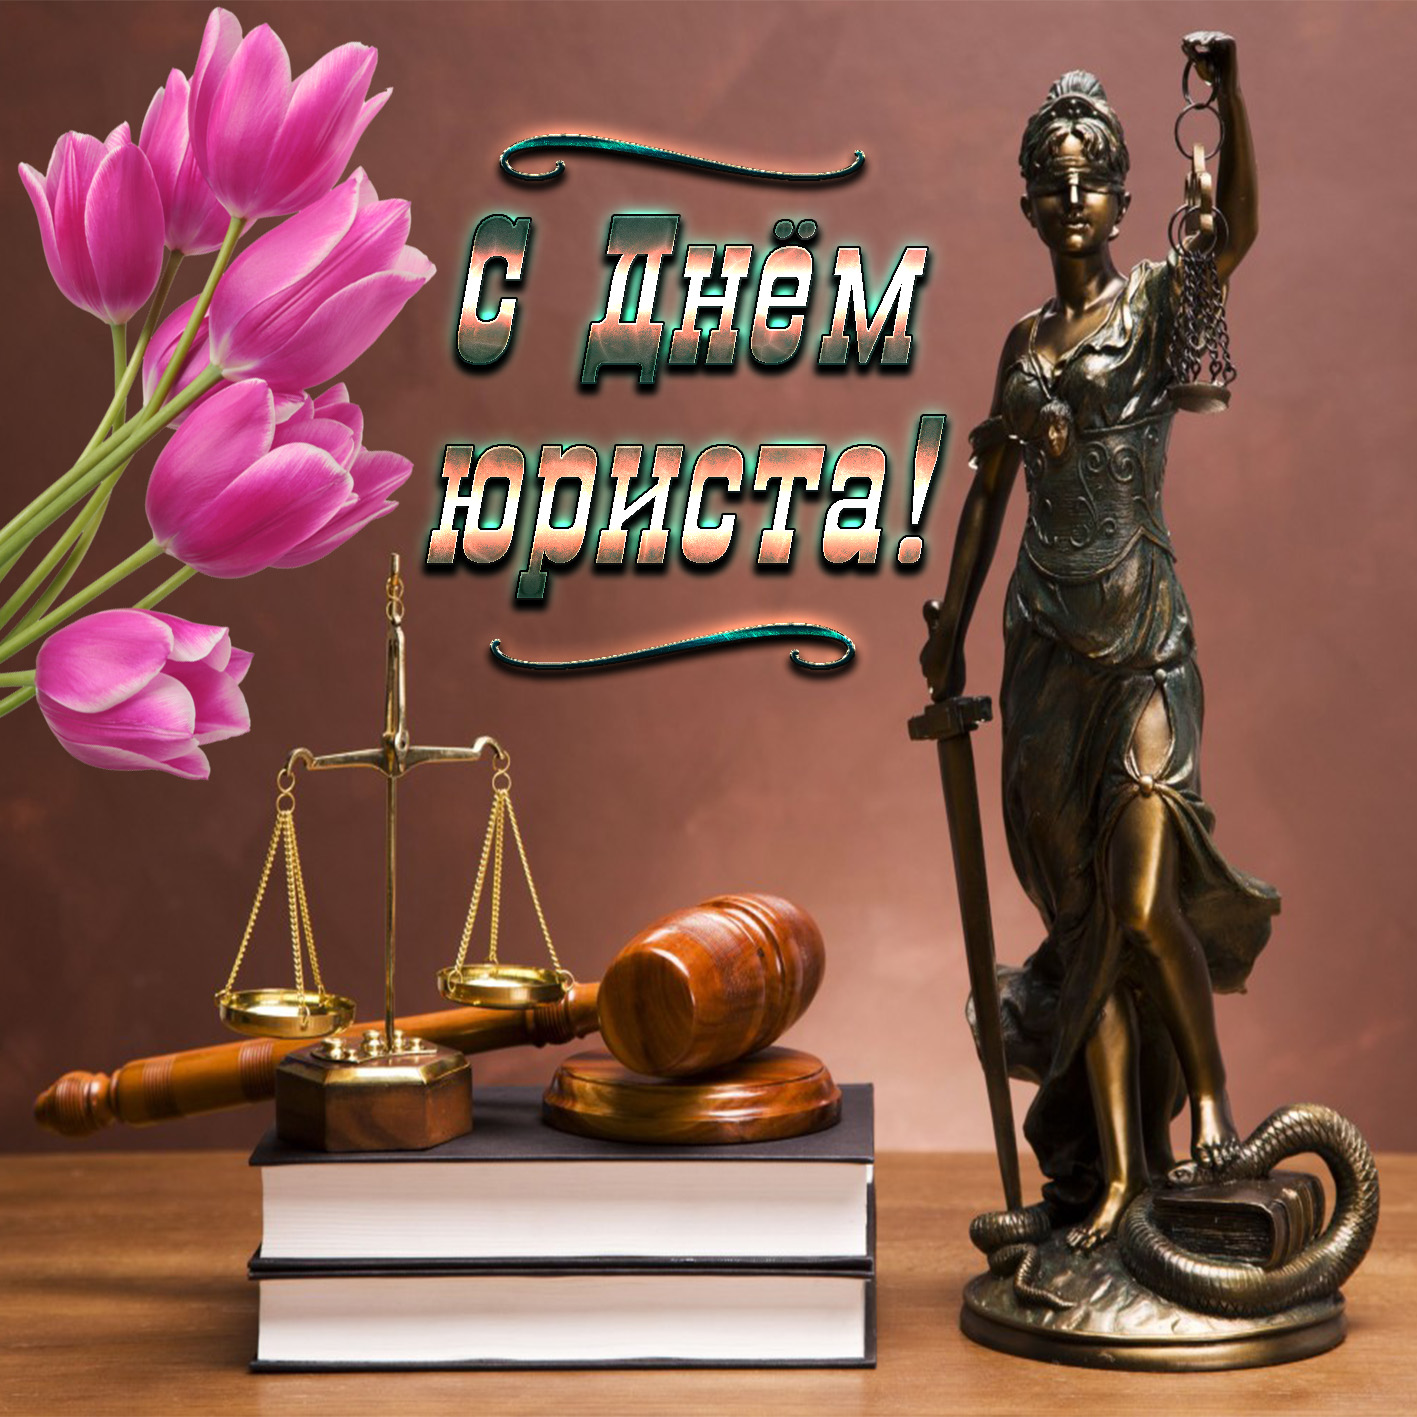 представлены день юриста в россии картинки плейкасты организациях